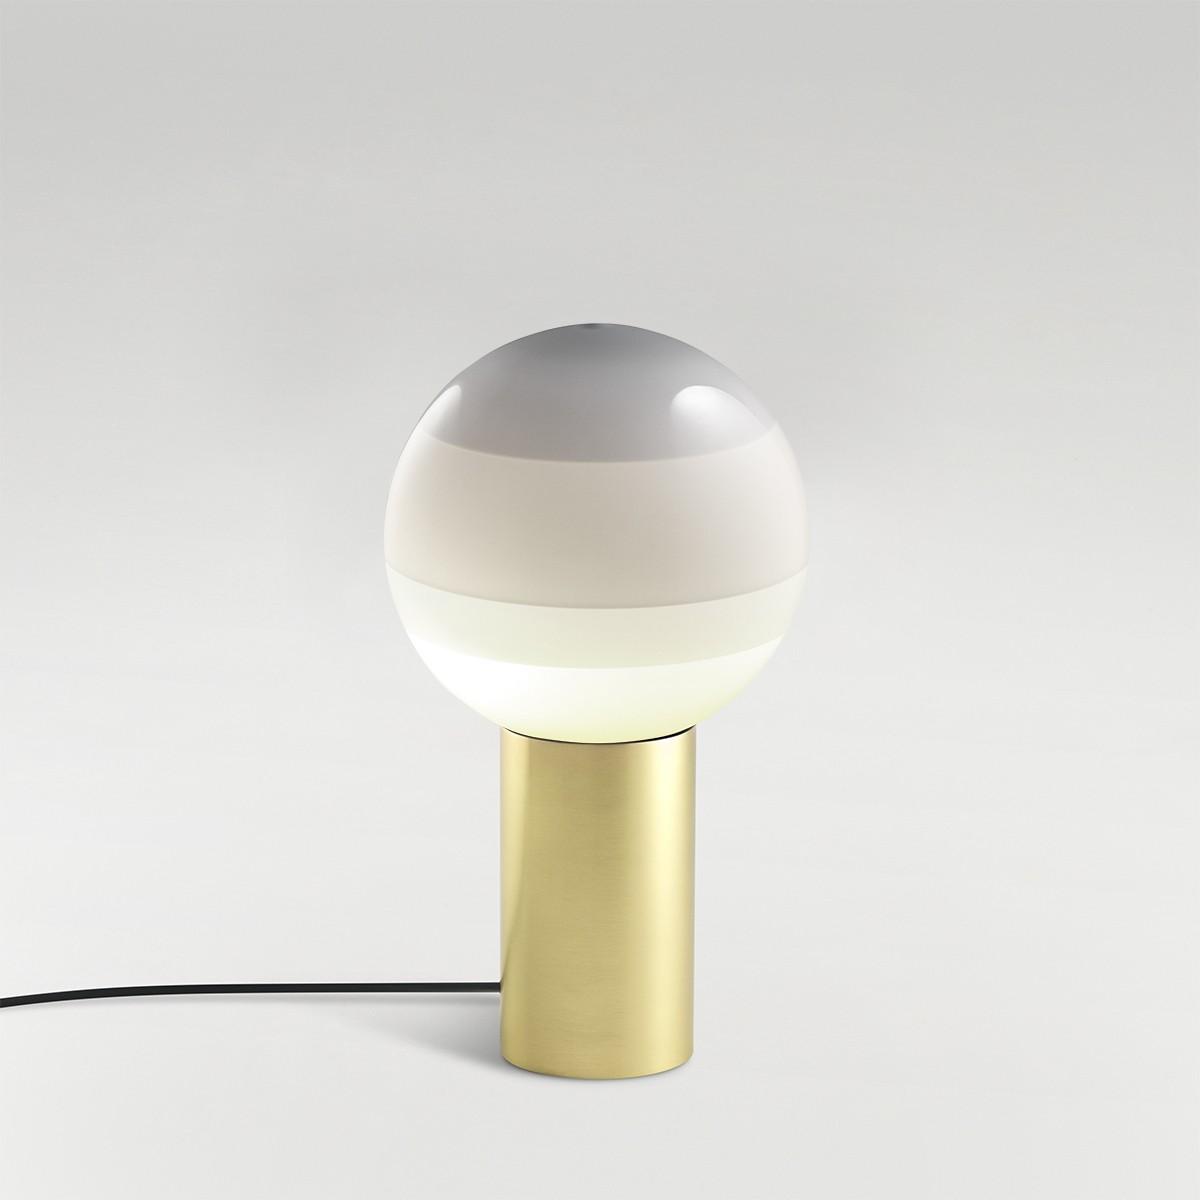 Marset Dipping Light LED Tischleuchte, gebrochenes Weiß